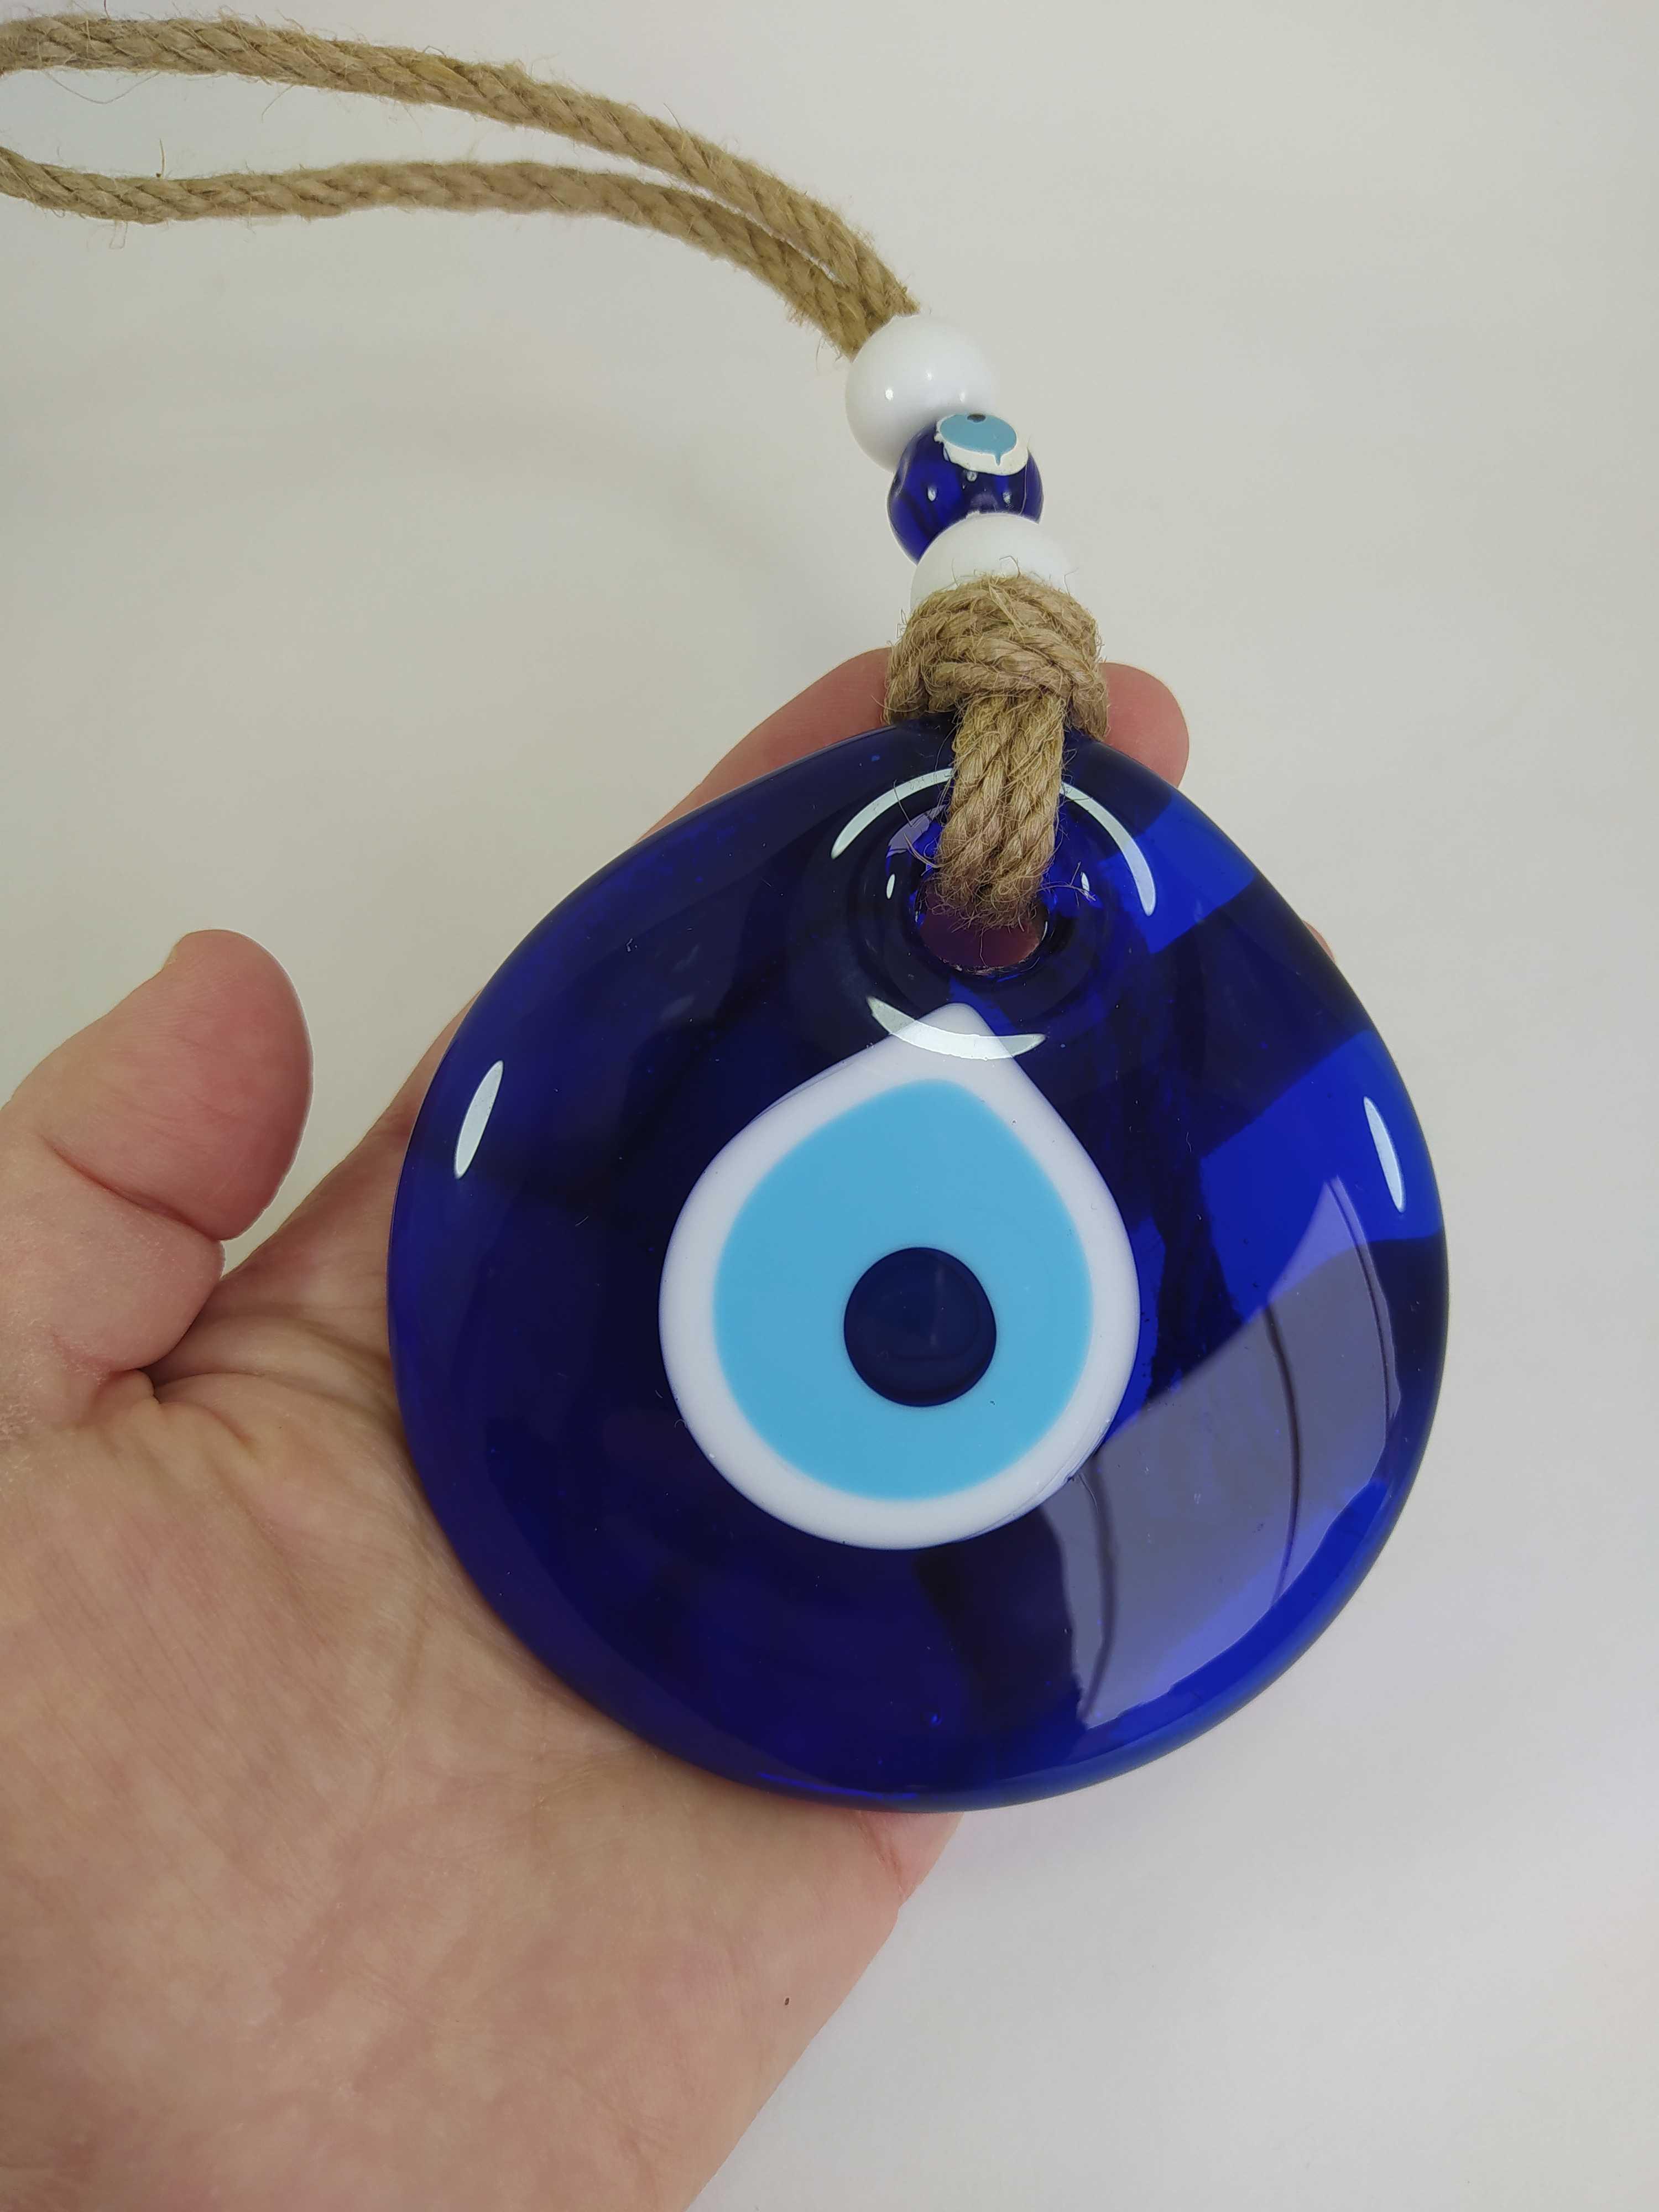 Türkische Evil Eye Charm Anhänger Auto Zuhause Schutz Amulett Kunsthandwerk es